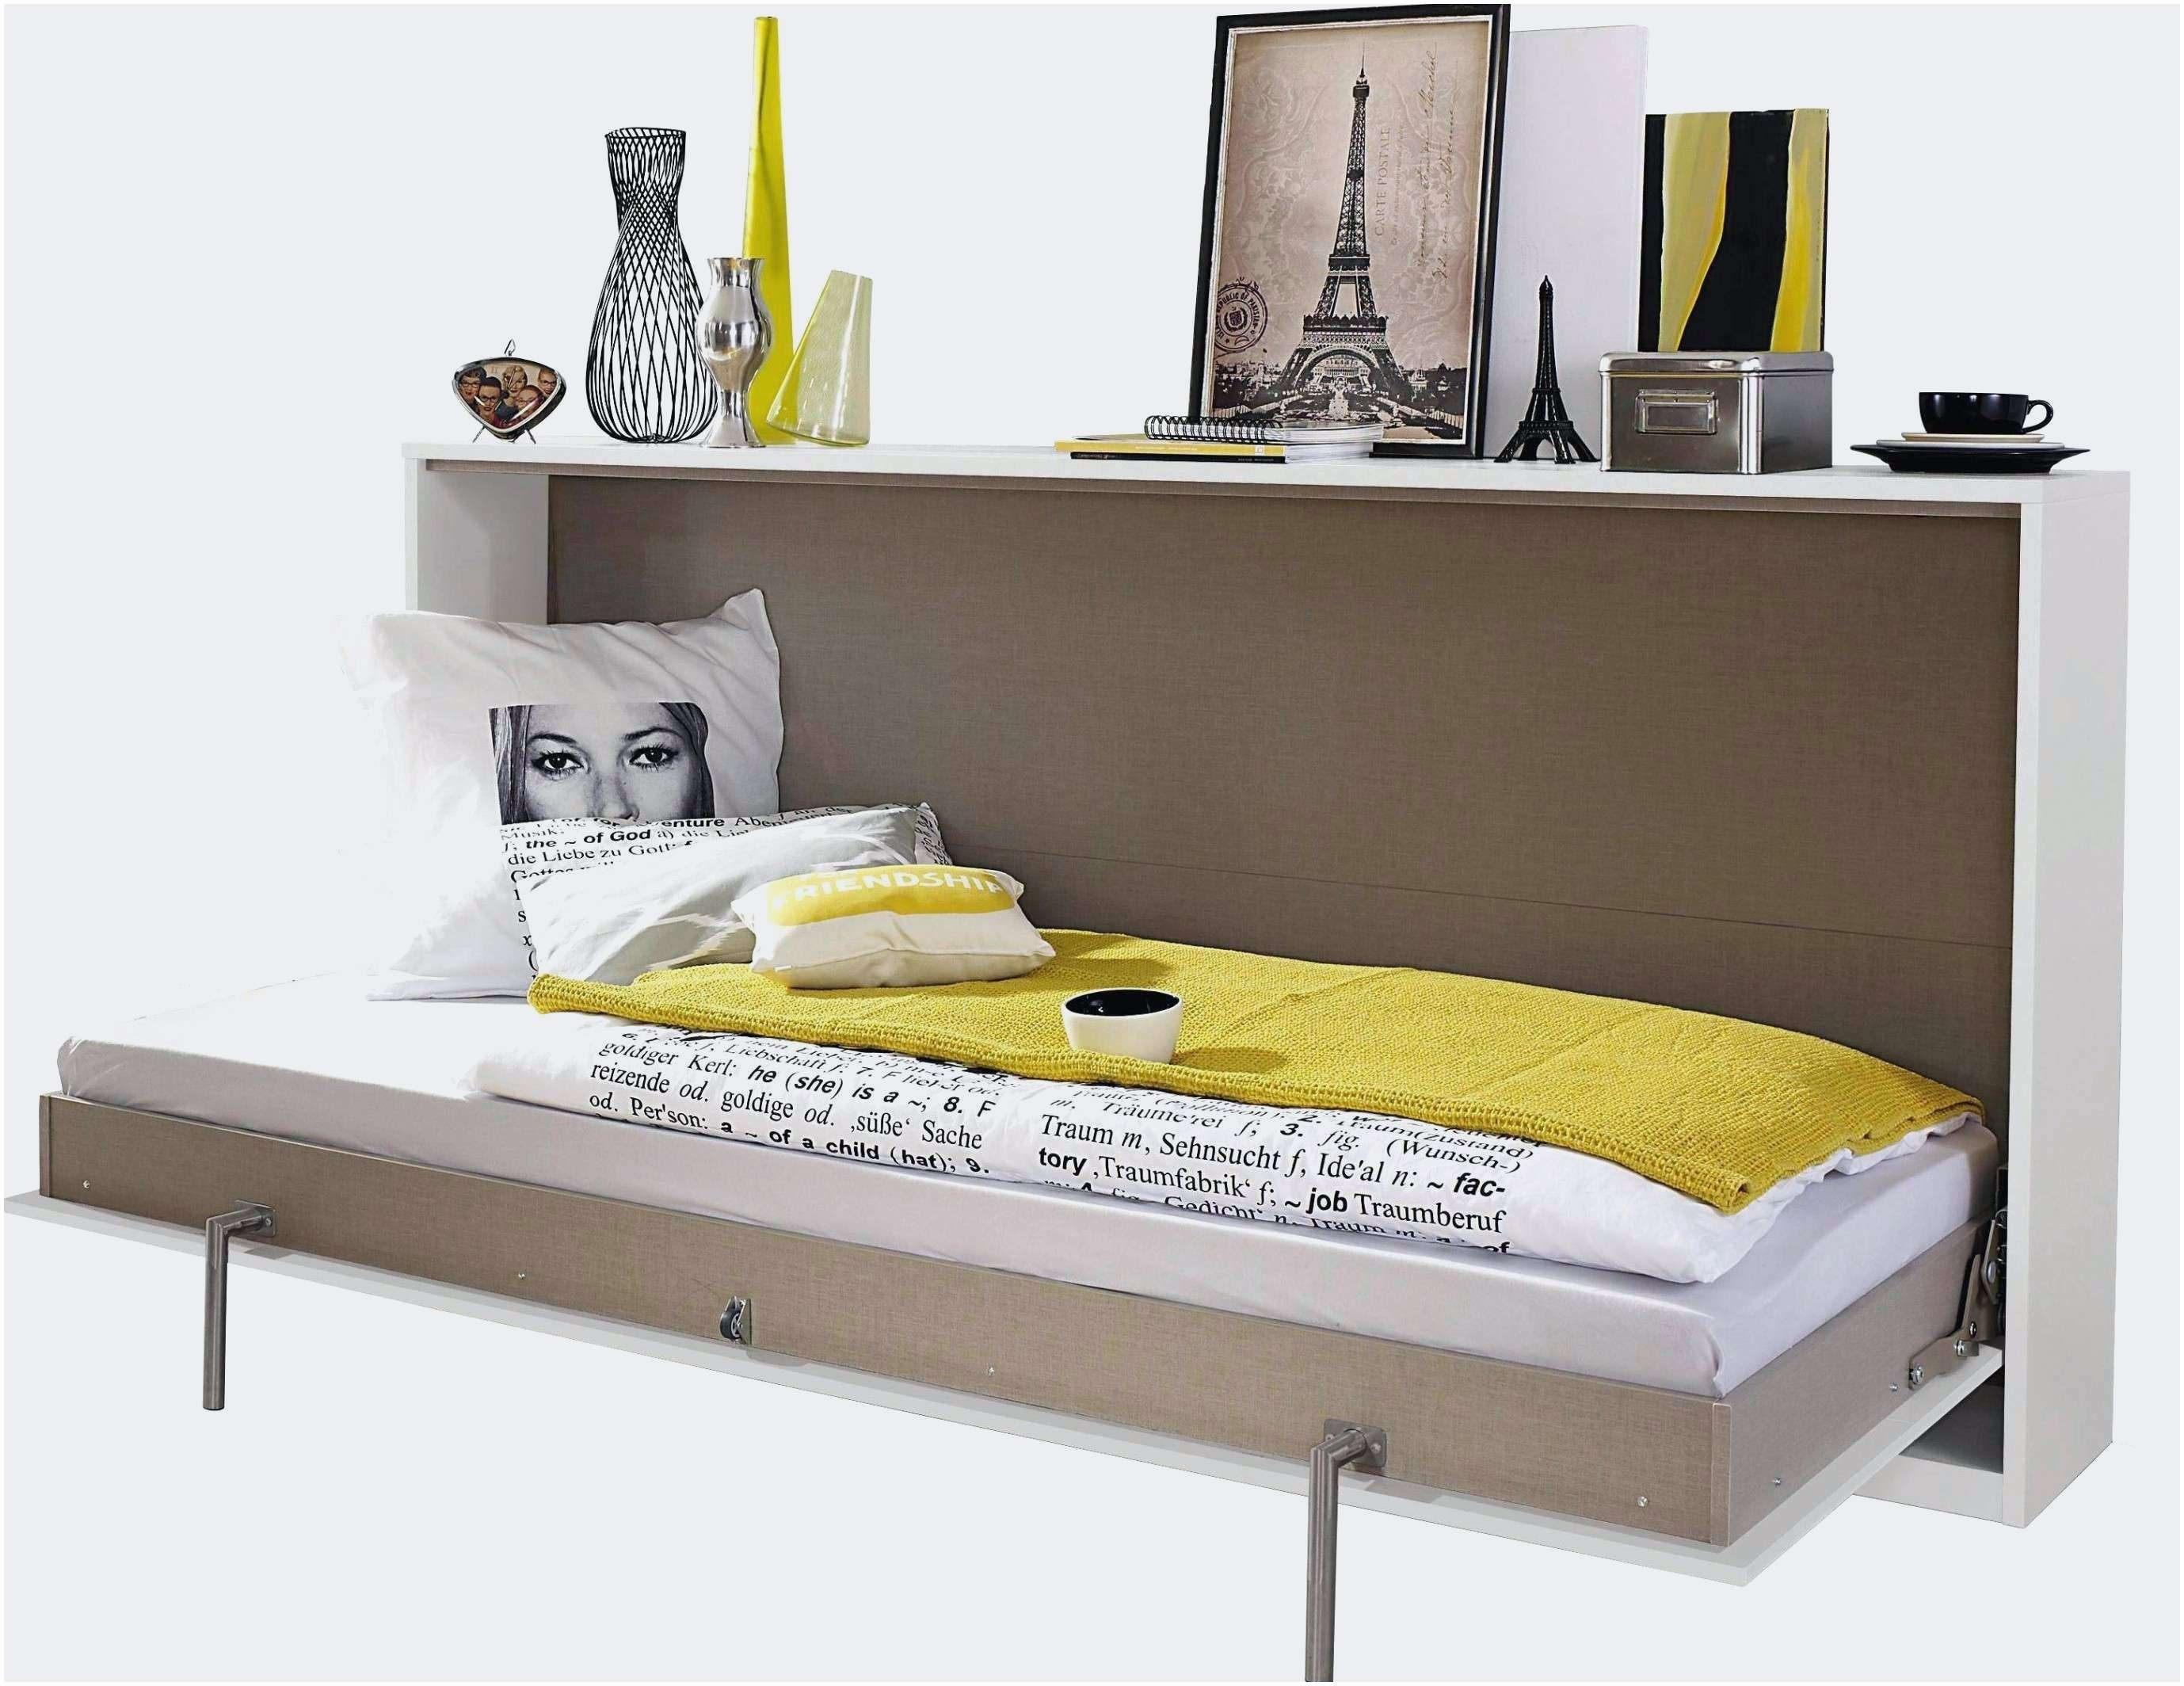 Lit 90×190 Avec sommier Et Matelas Luxe Beau Lit Design 160—200 Primaire Collection sommier Matelas 160—200